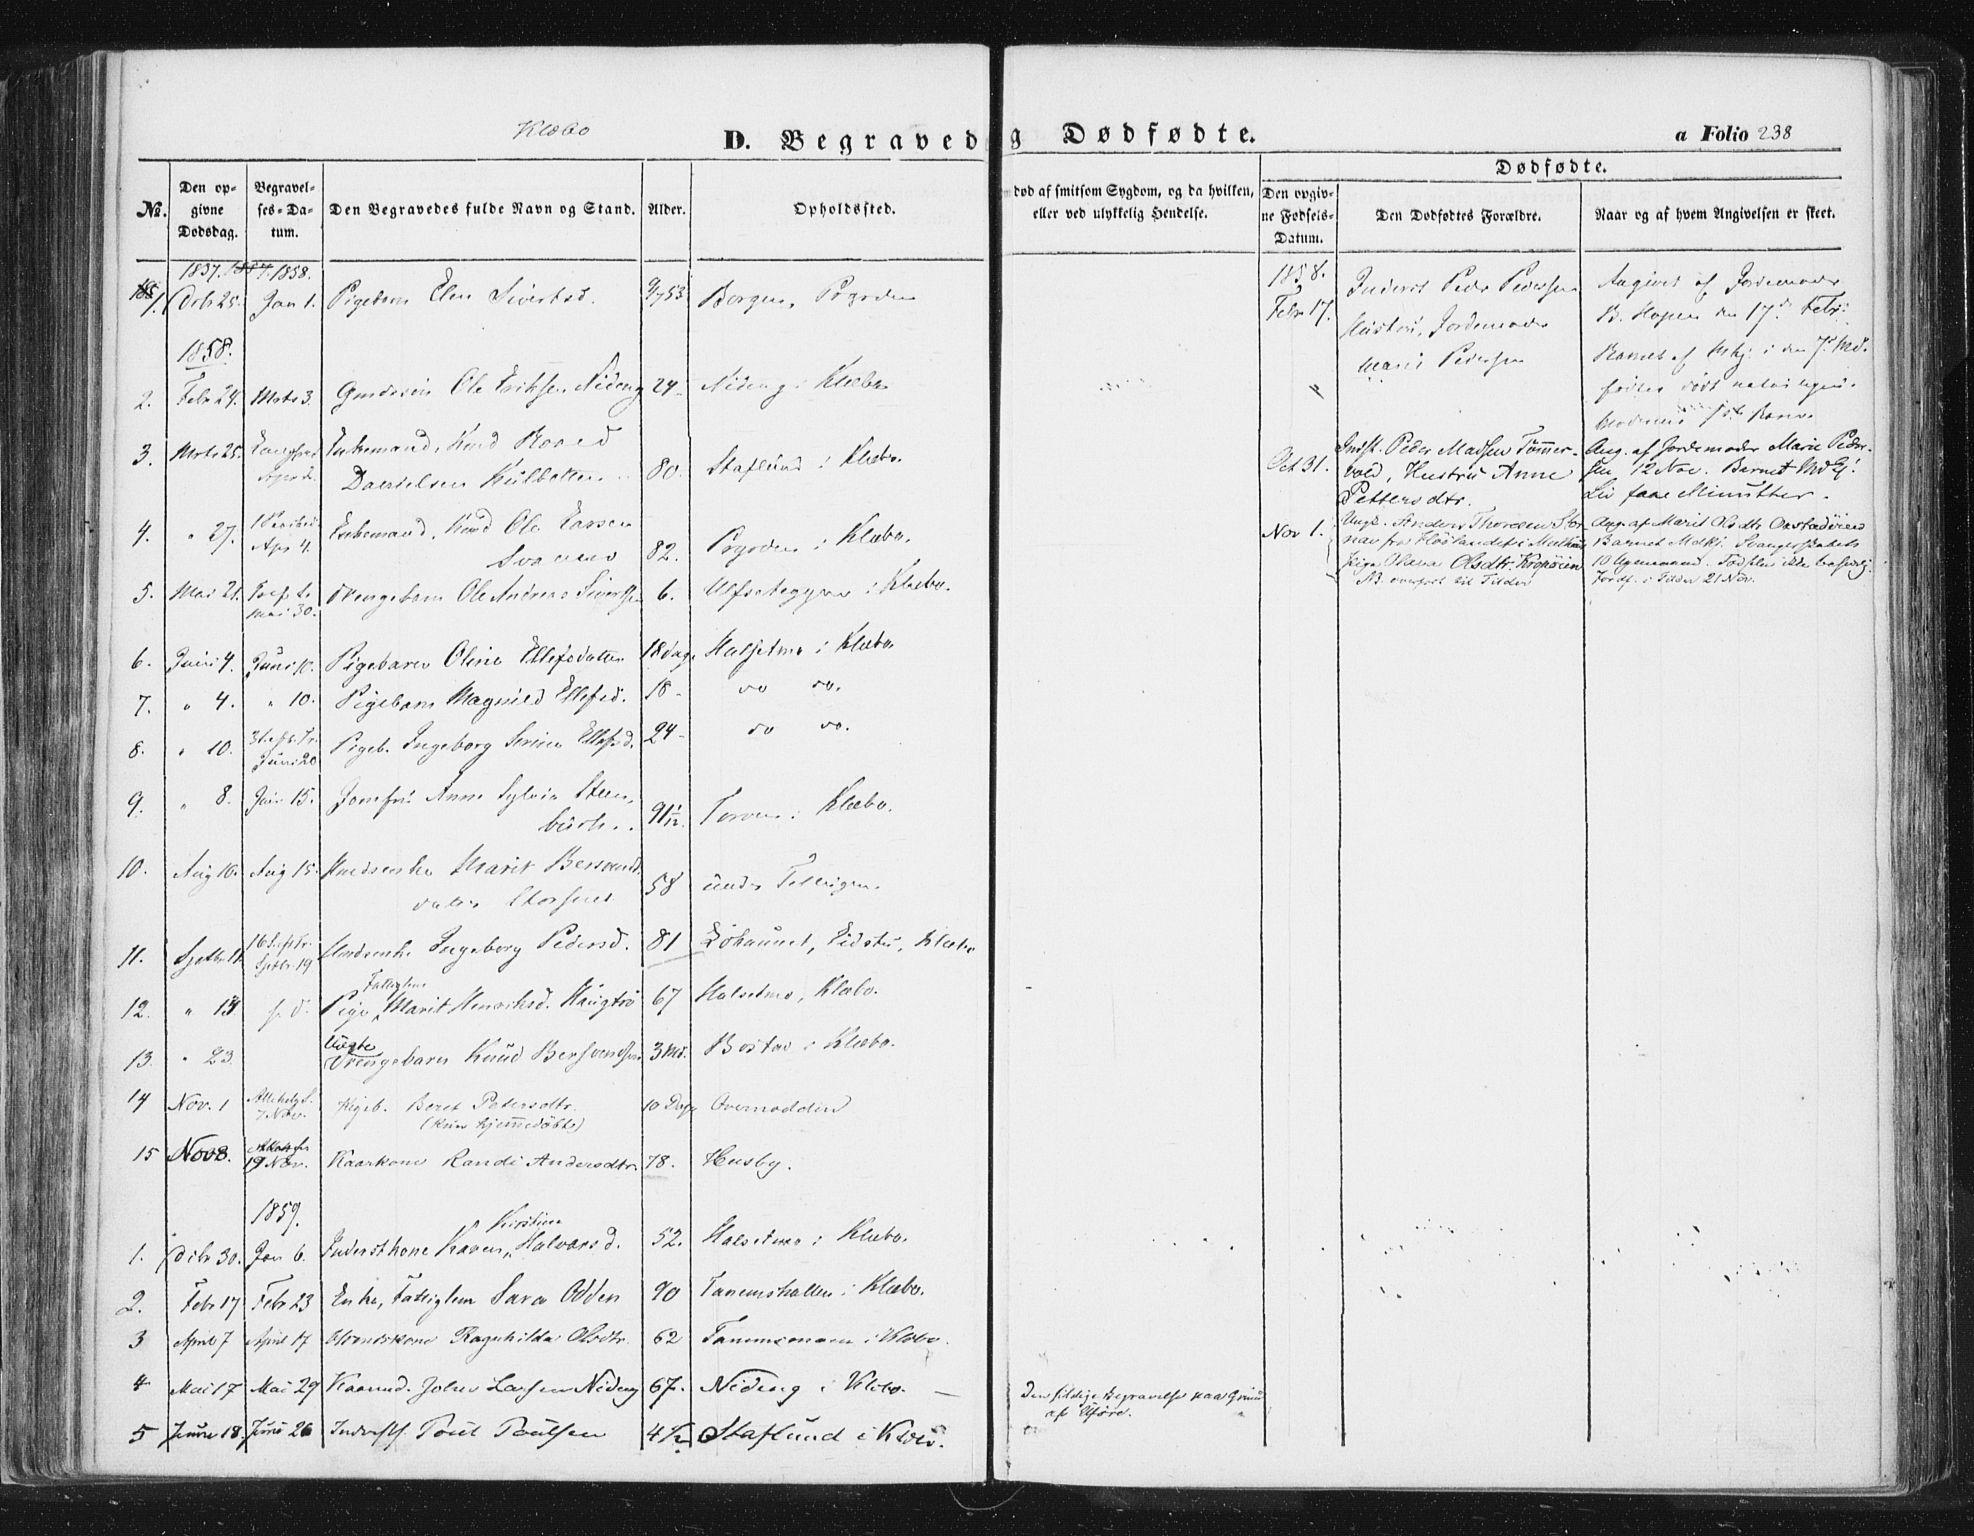 SAT, Ministerialprotokoller, klokkerbøker og fødselsregistre - Sør-Trøndelag, 618/L0441: Ministerialbok nr. 618A05, 1843-1862, s. 238